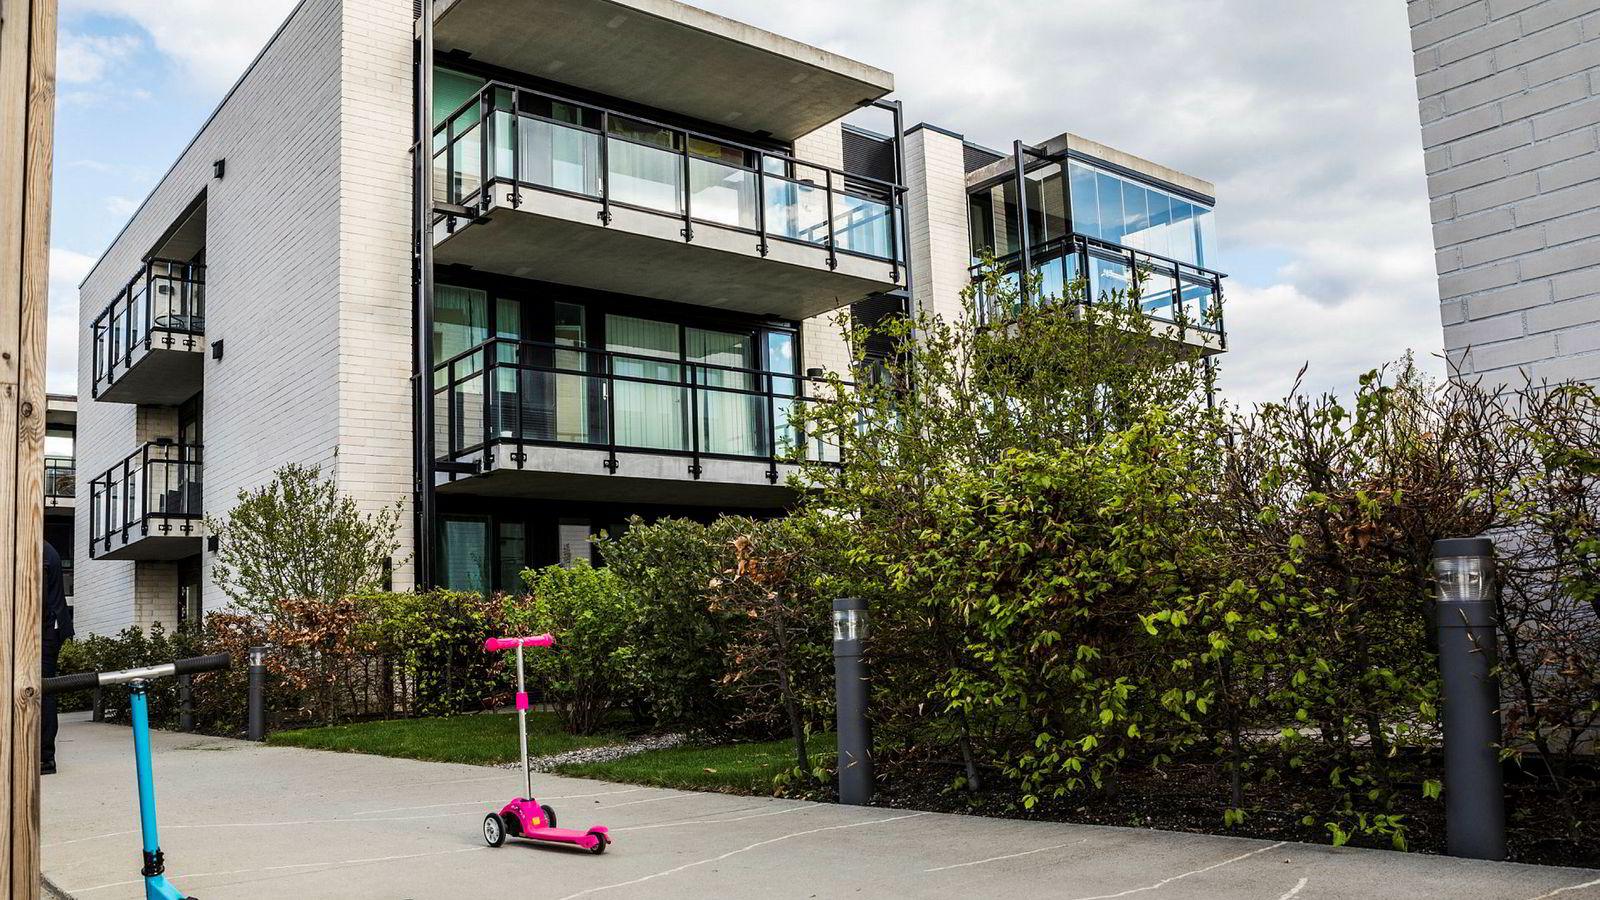 Himanshu Gulati kjøpte i februar 2017 leilighet i øverste etasje av dette leilighetskomplekset ved jernbanestasjonen på Jessheim for 3,1 millioner.